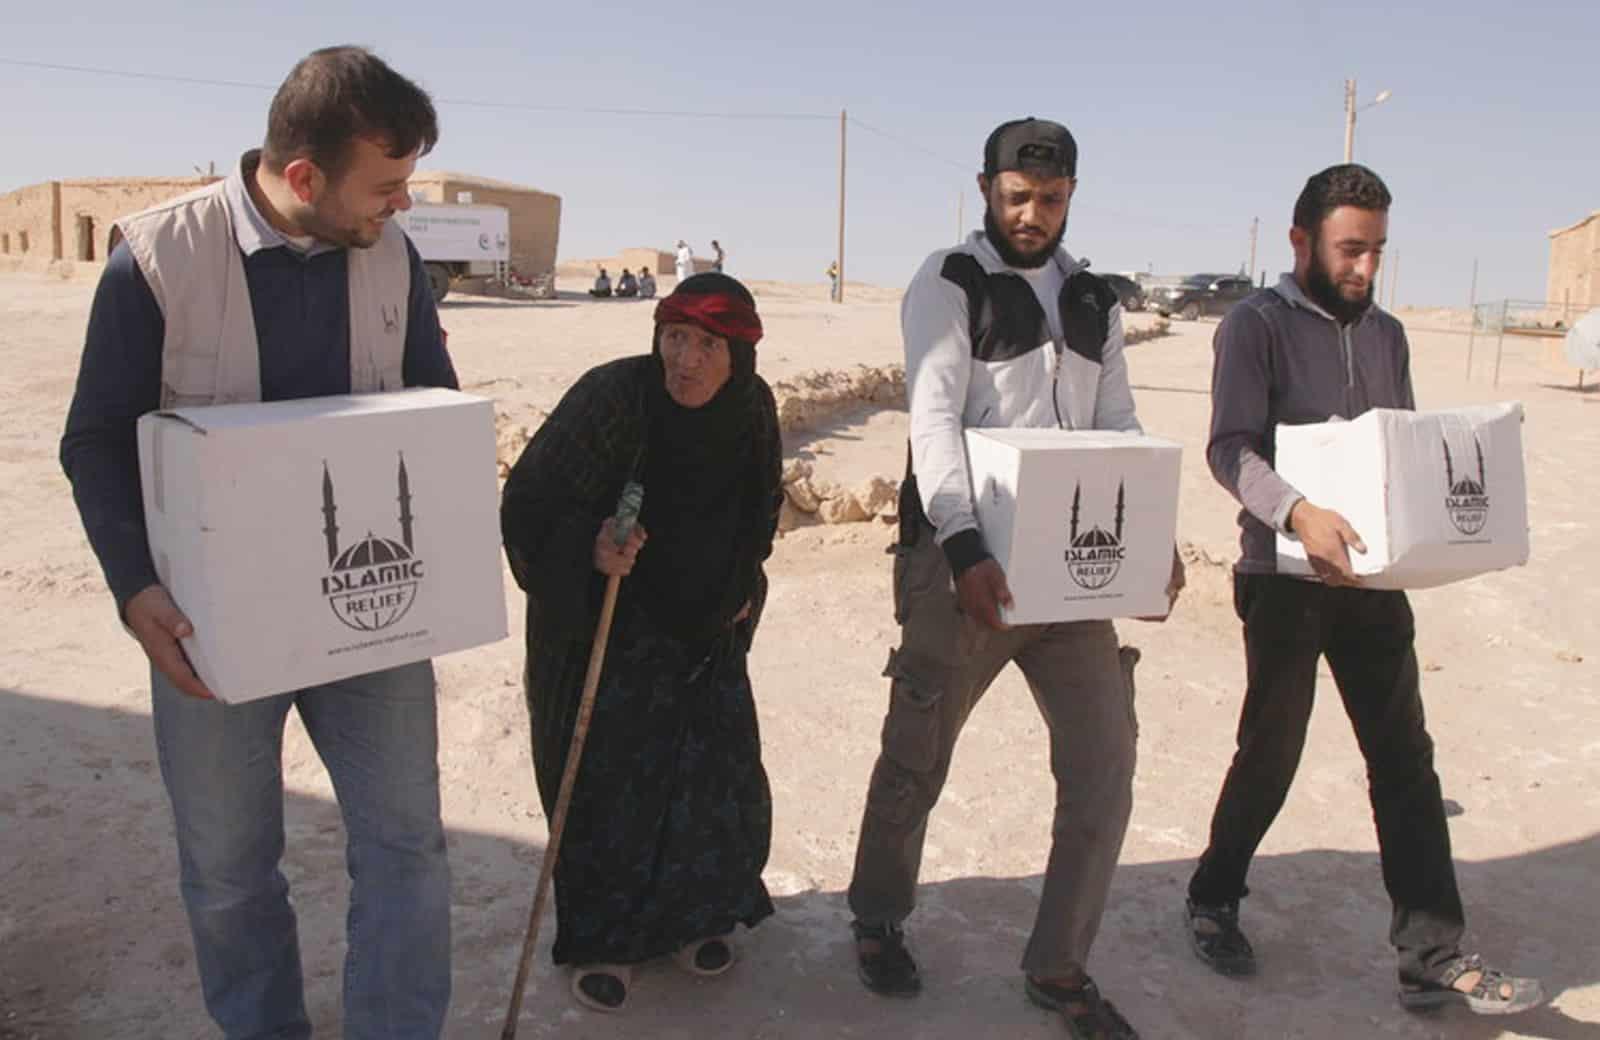 Syriastaffhelping